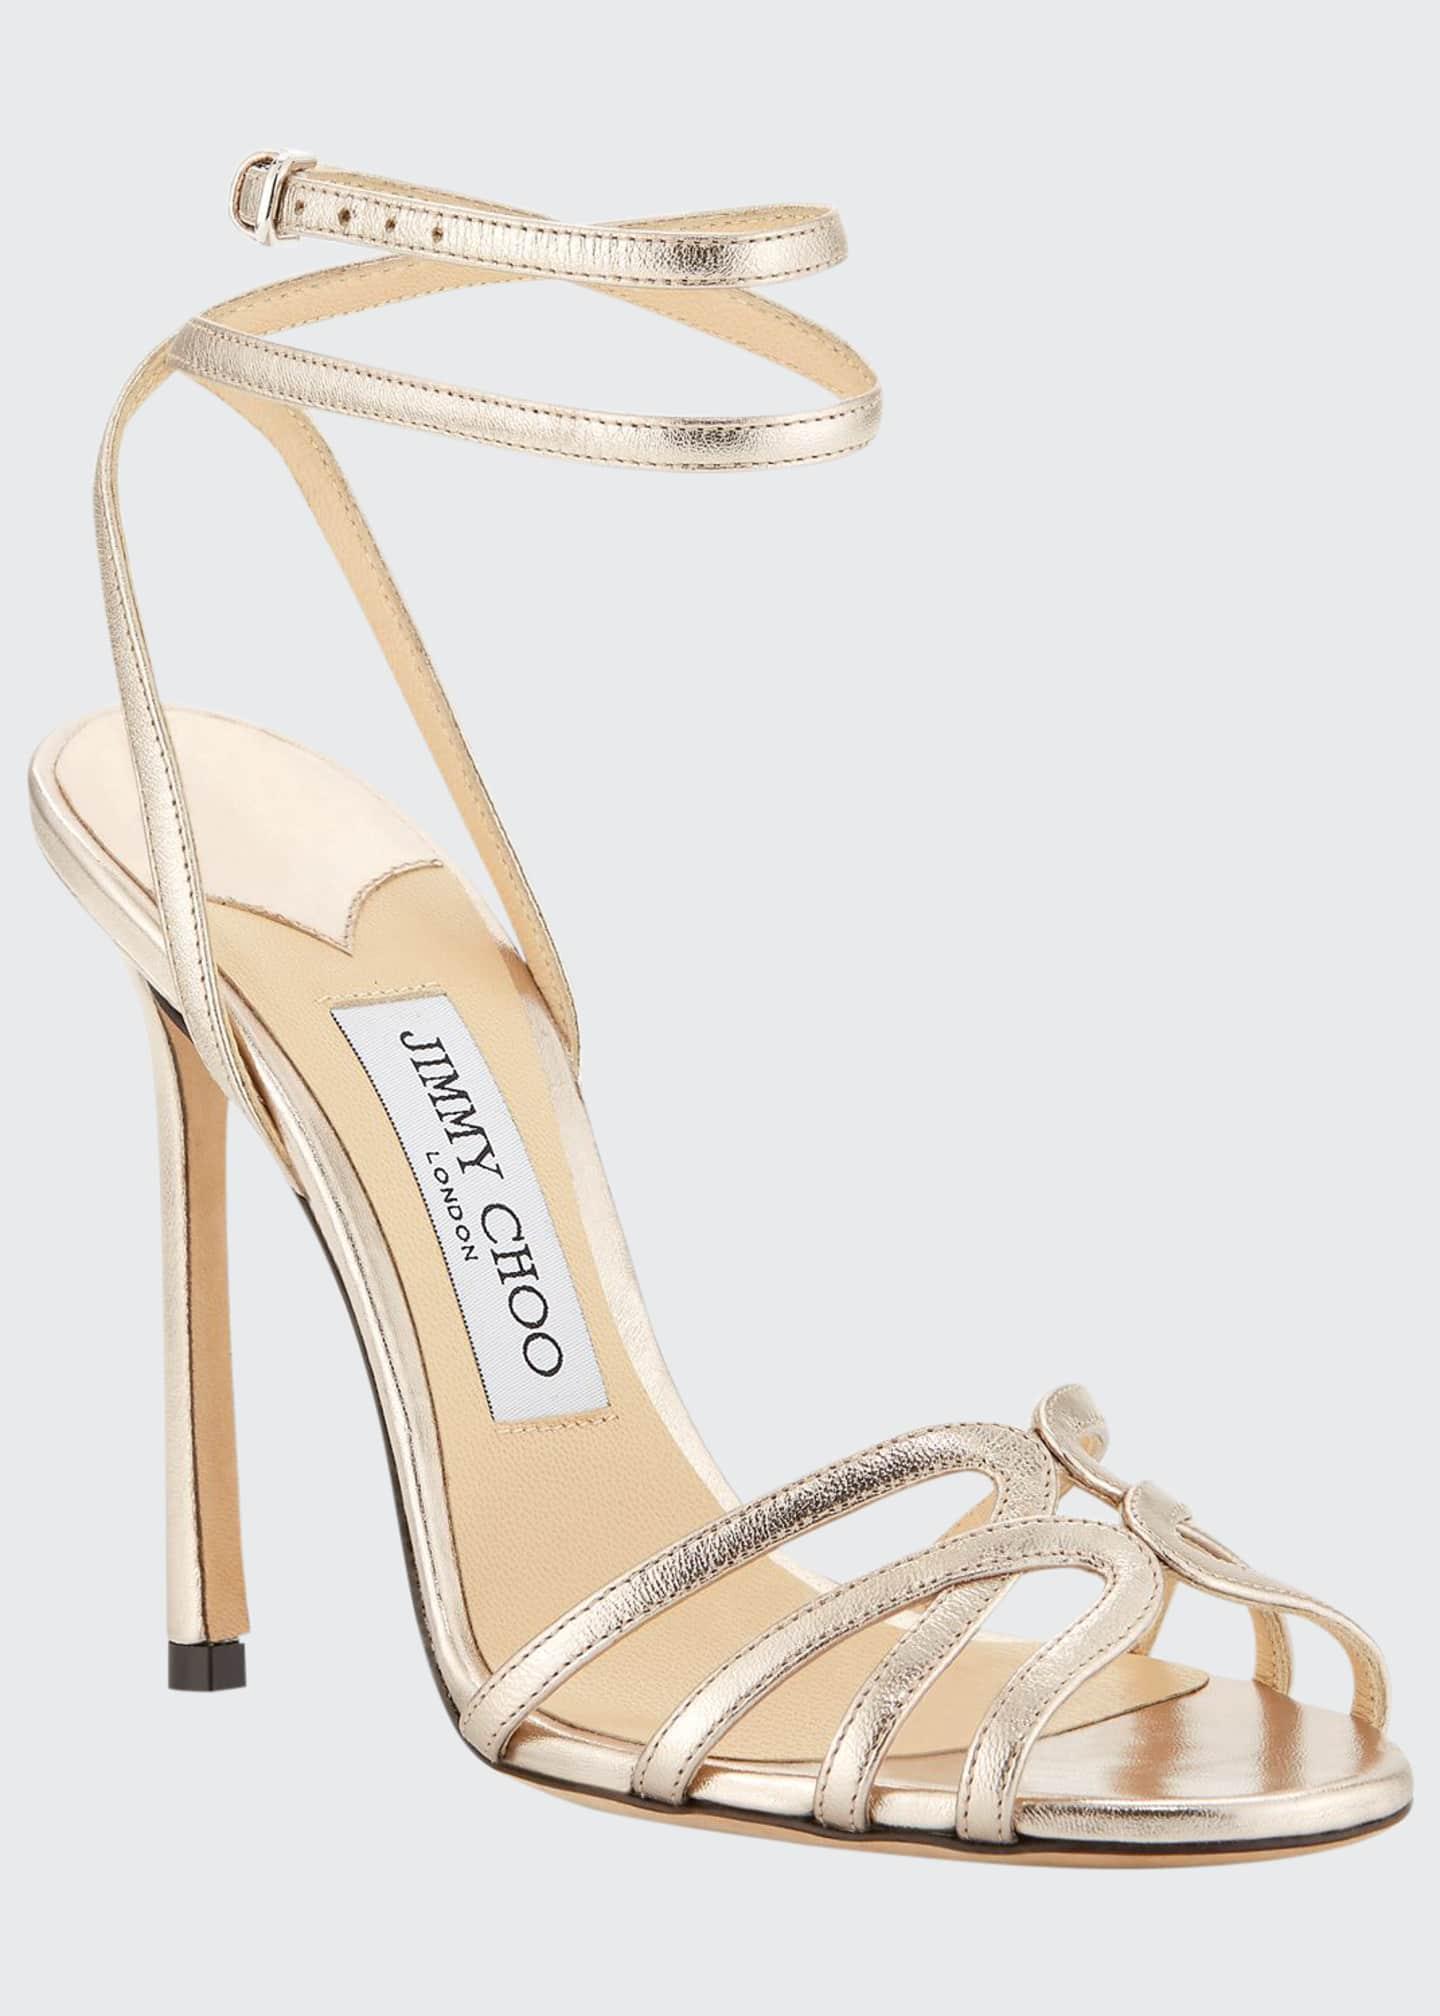 Jimmy Choo Mimi Metallic Leather Sandals